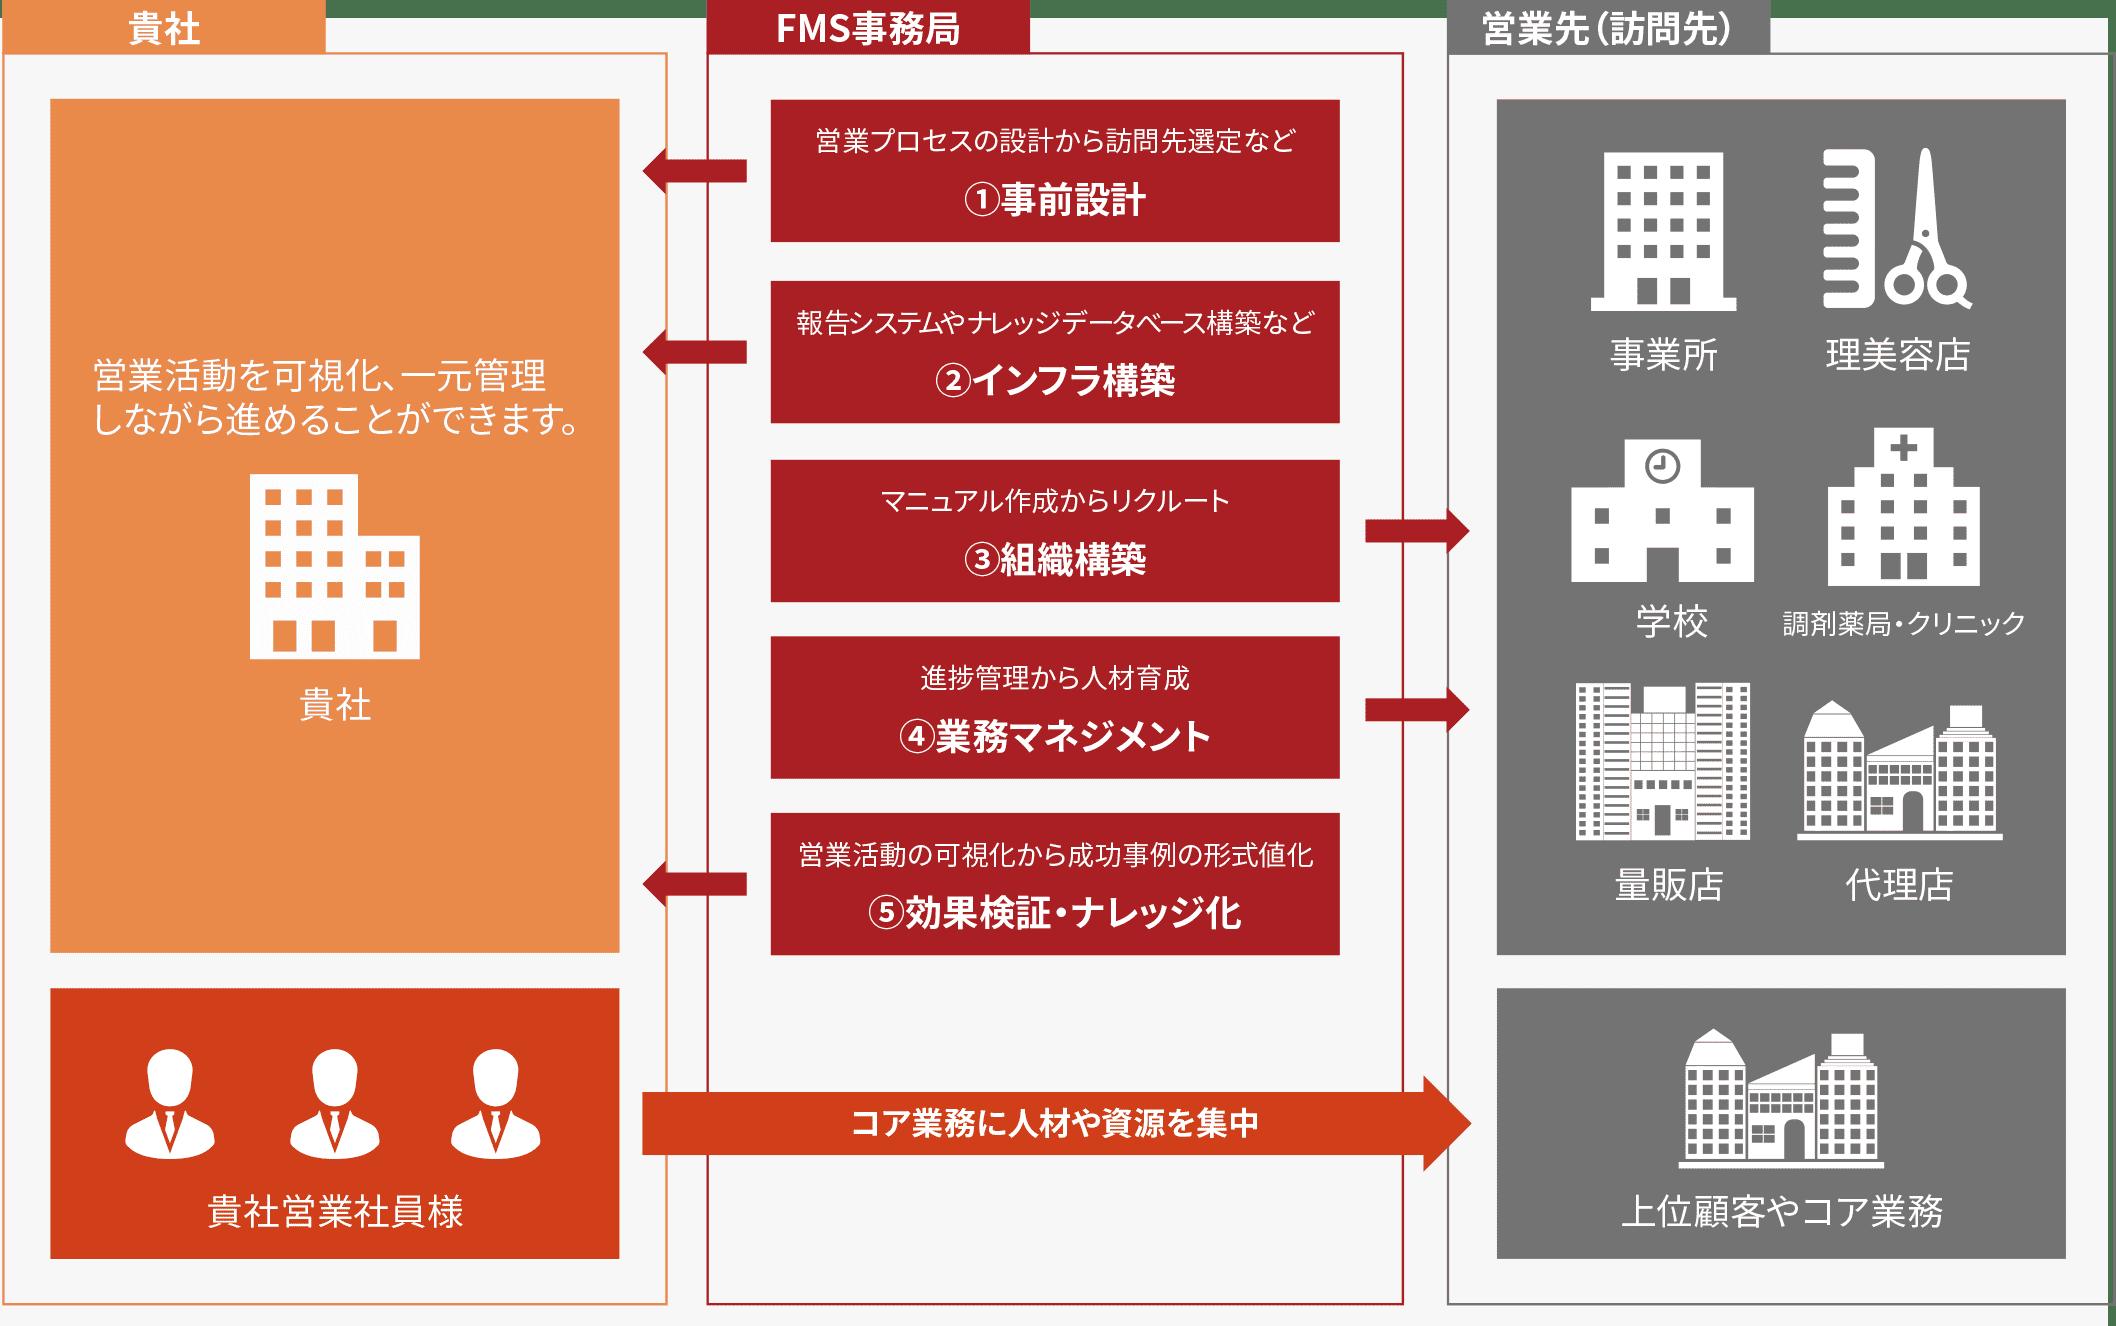 営業BPO(アウトソーシング)のイメージ